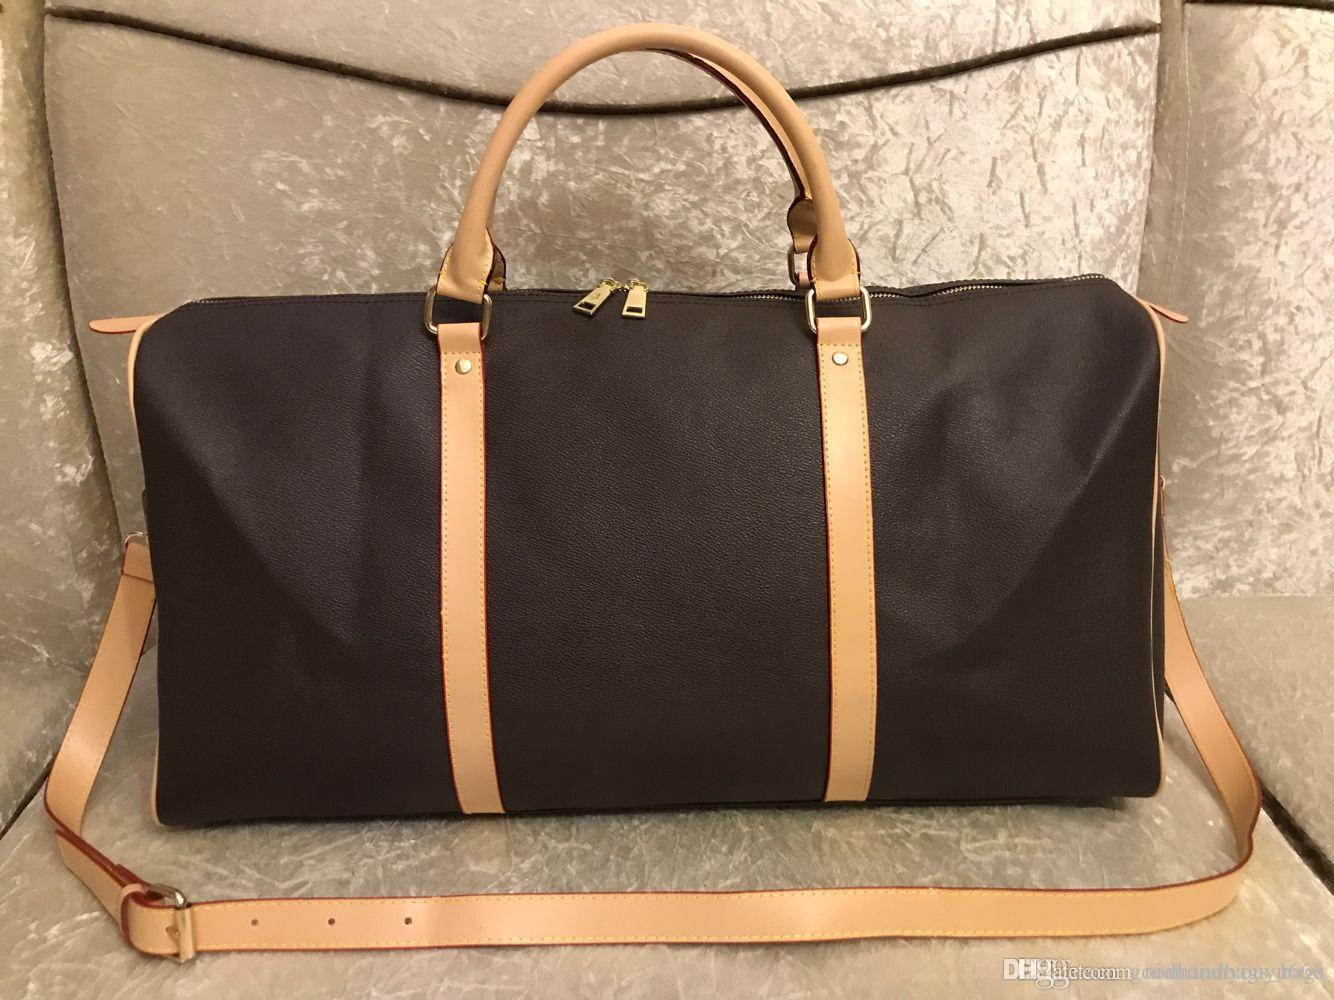 2014New Top Fashion Uomo Donne da viaggio Borsa Borsa Borsa, Borse per bagagli di marca Borsa sportiva grande capacità taglia 62 cm # 51885